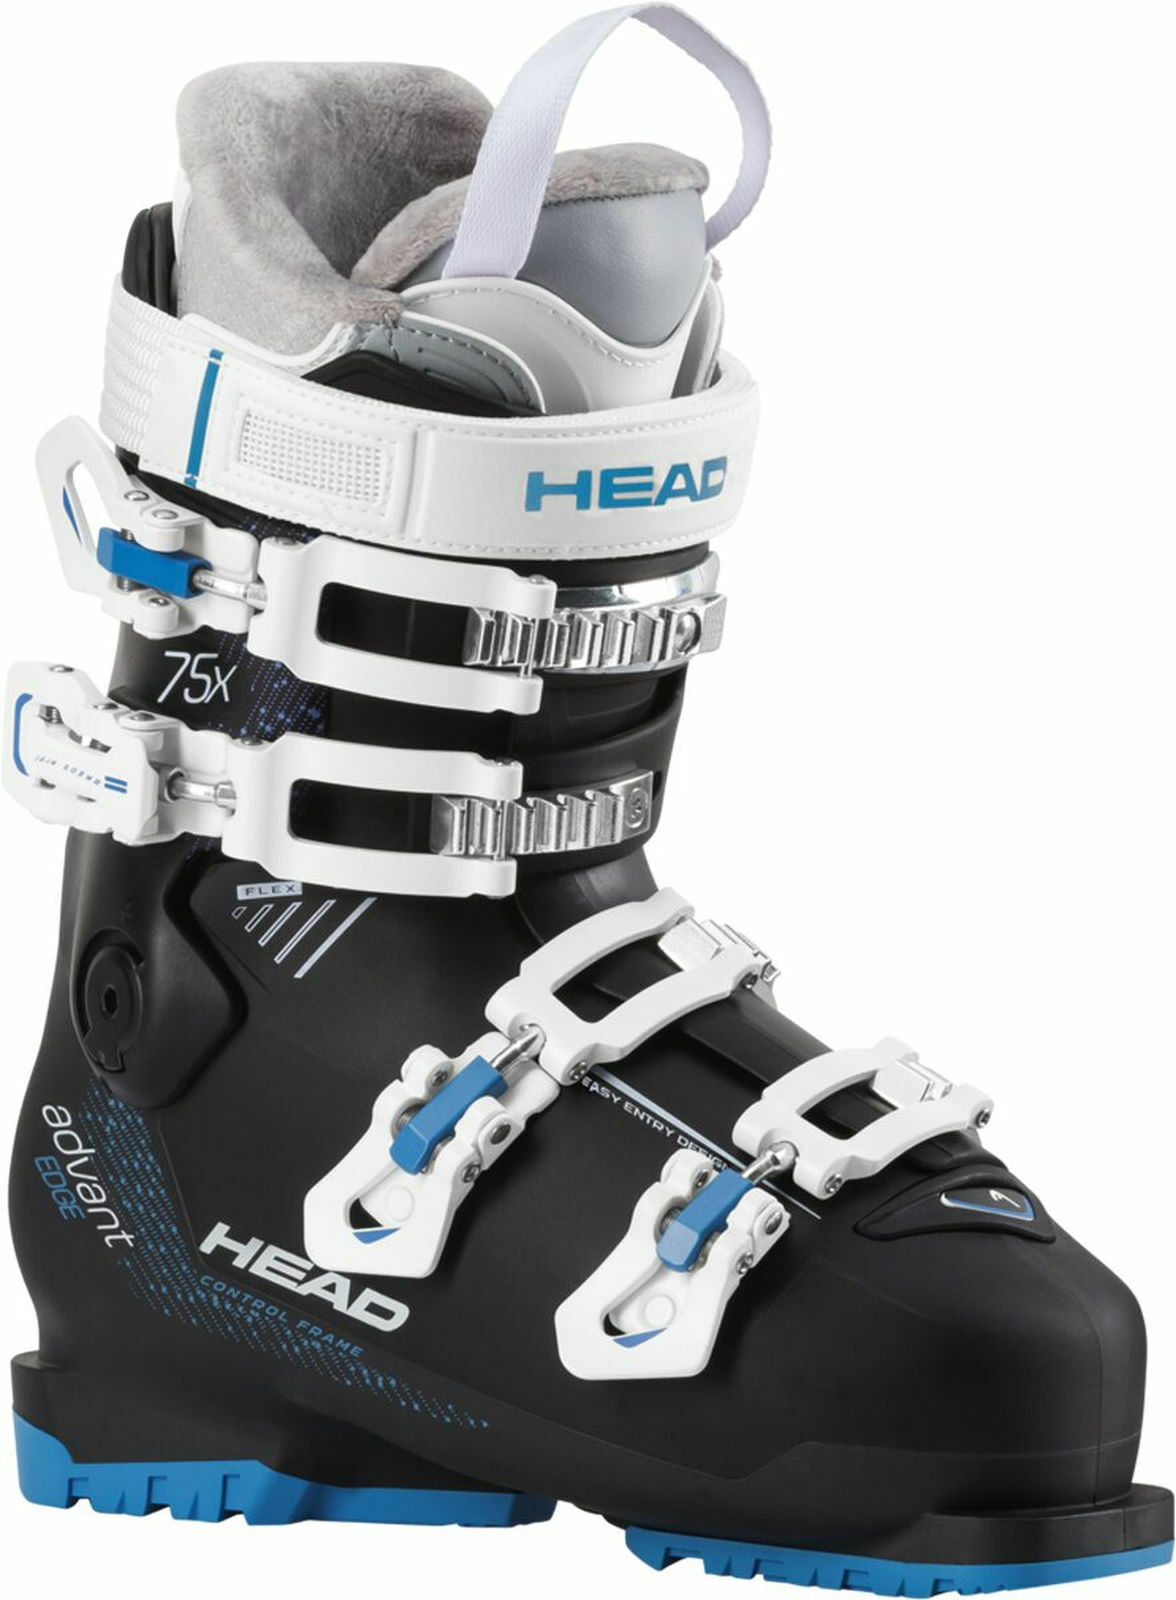 Head Ladies Ski schoen Ski schoen Advant Edge 75x Womannen's zwart blauw